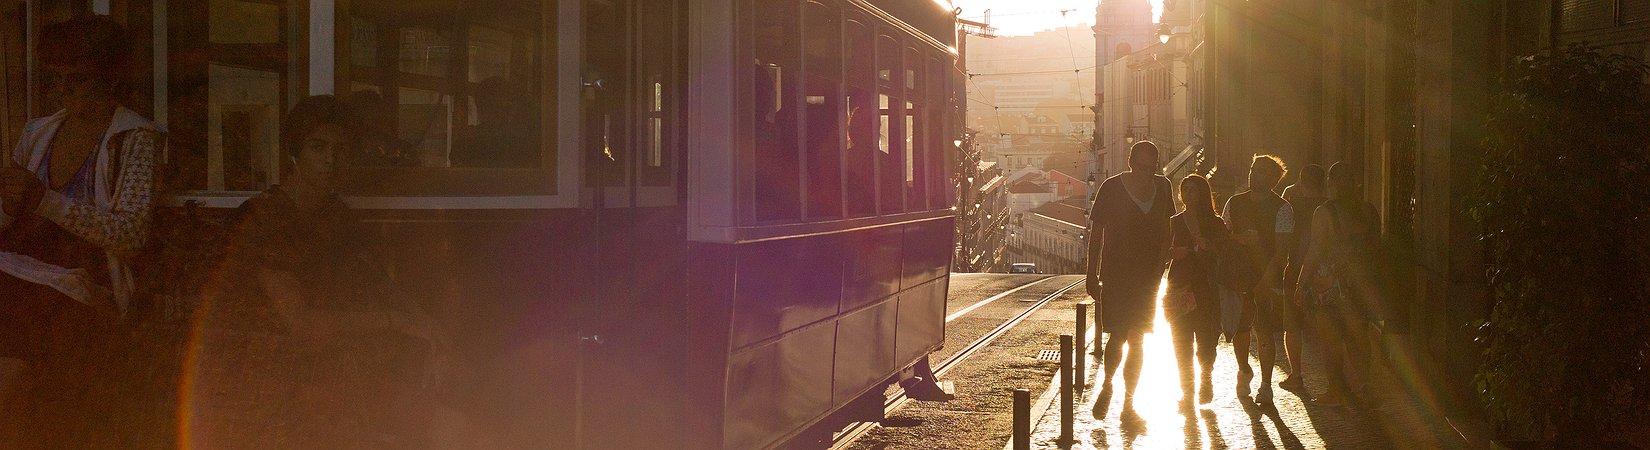 Portugal no top 20 de índice de progresso social